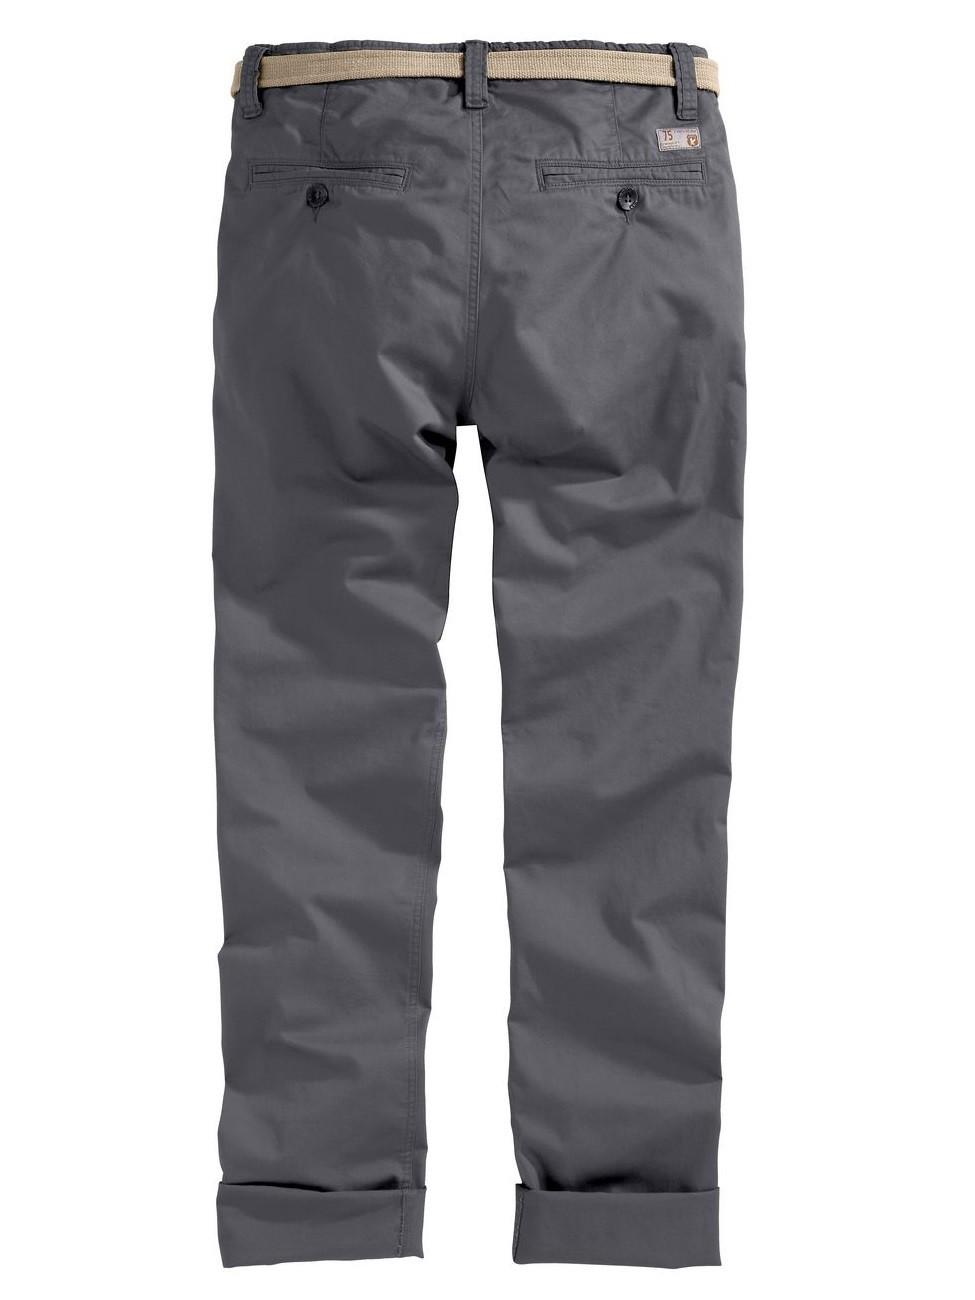 Surplus Herren Hose Chino Trousers 05-3604